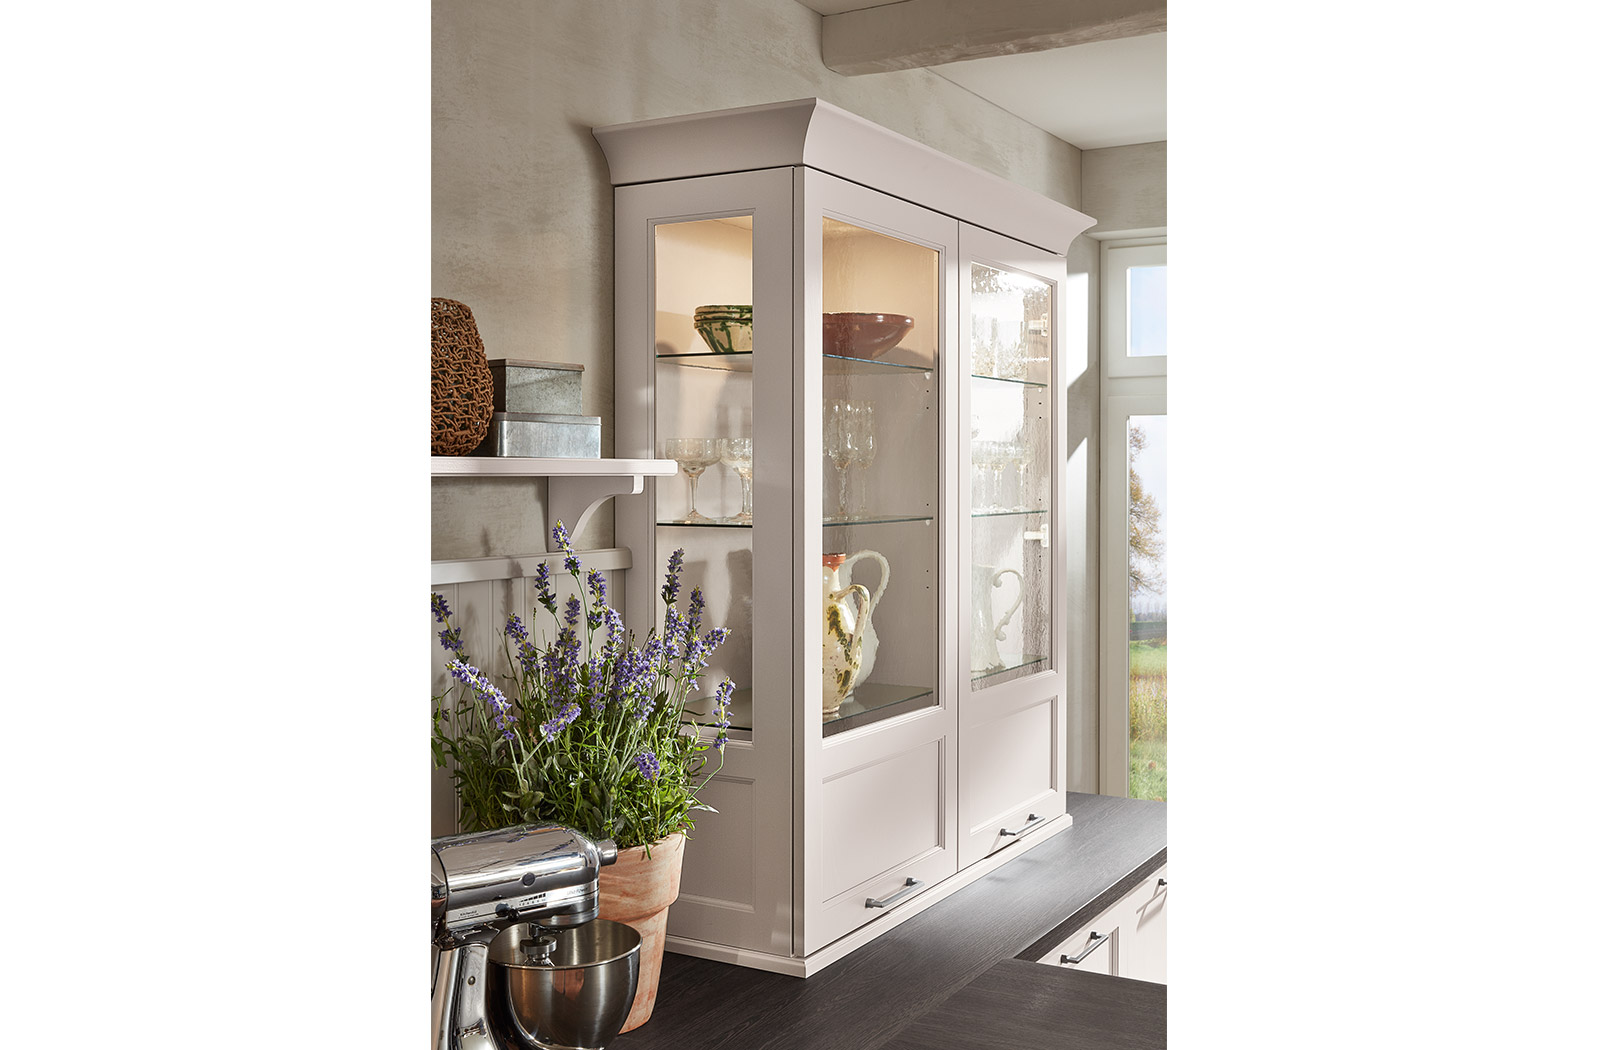 Meble kuchenne Satin - witryna - oferta SAS Wnętrza i Kuchnie - Meble Kuchenne i Projektowanie wnętrz.